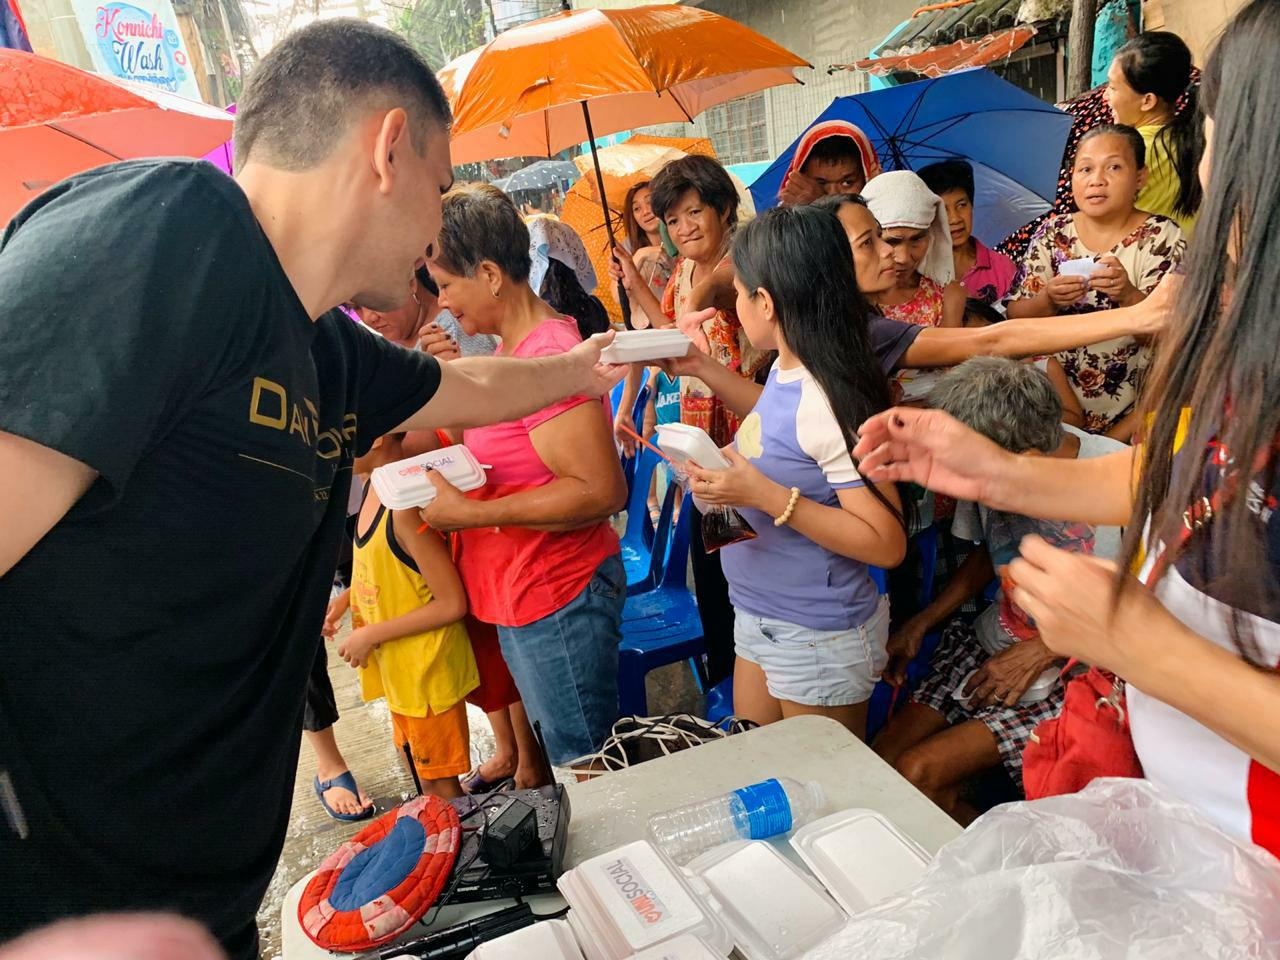 Voluntários da Universal ajudam pessoas carentes nas Filipinas